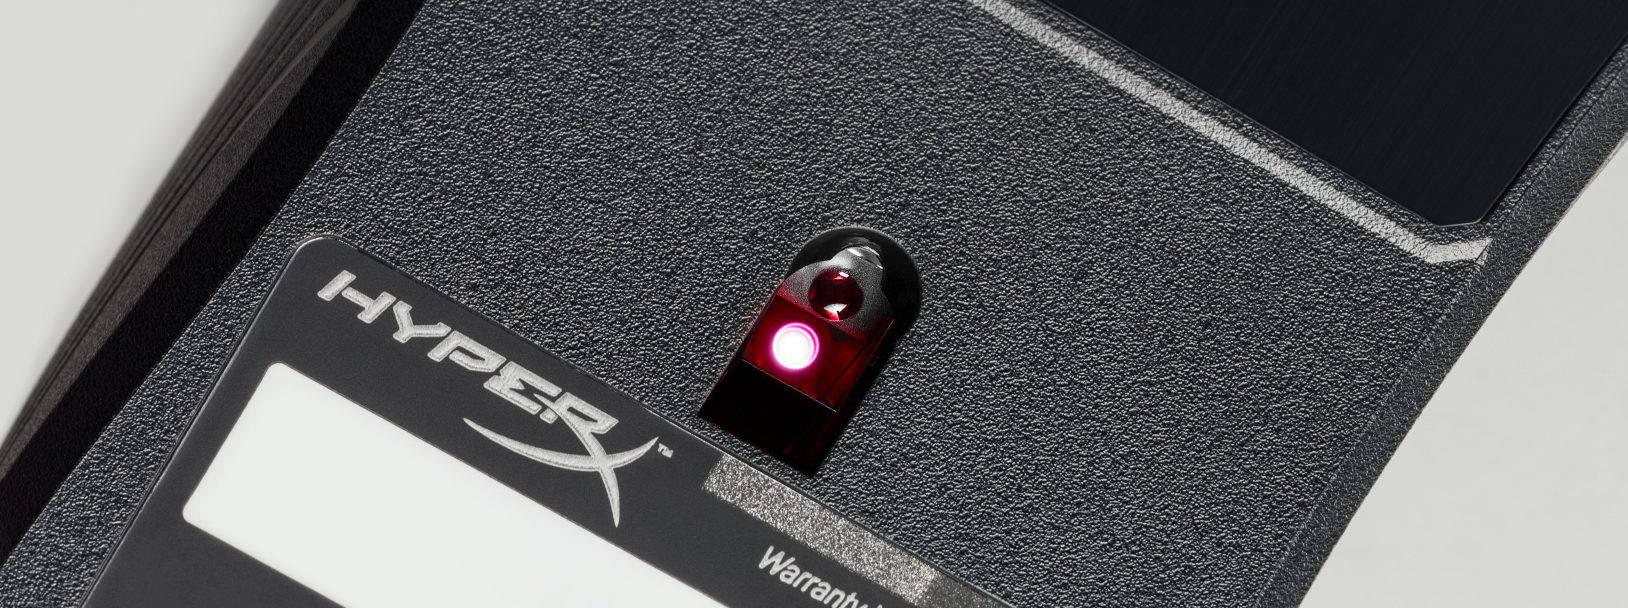 Оптический датчик Pixart 3327